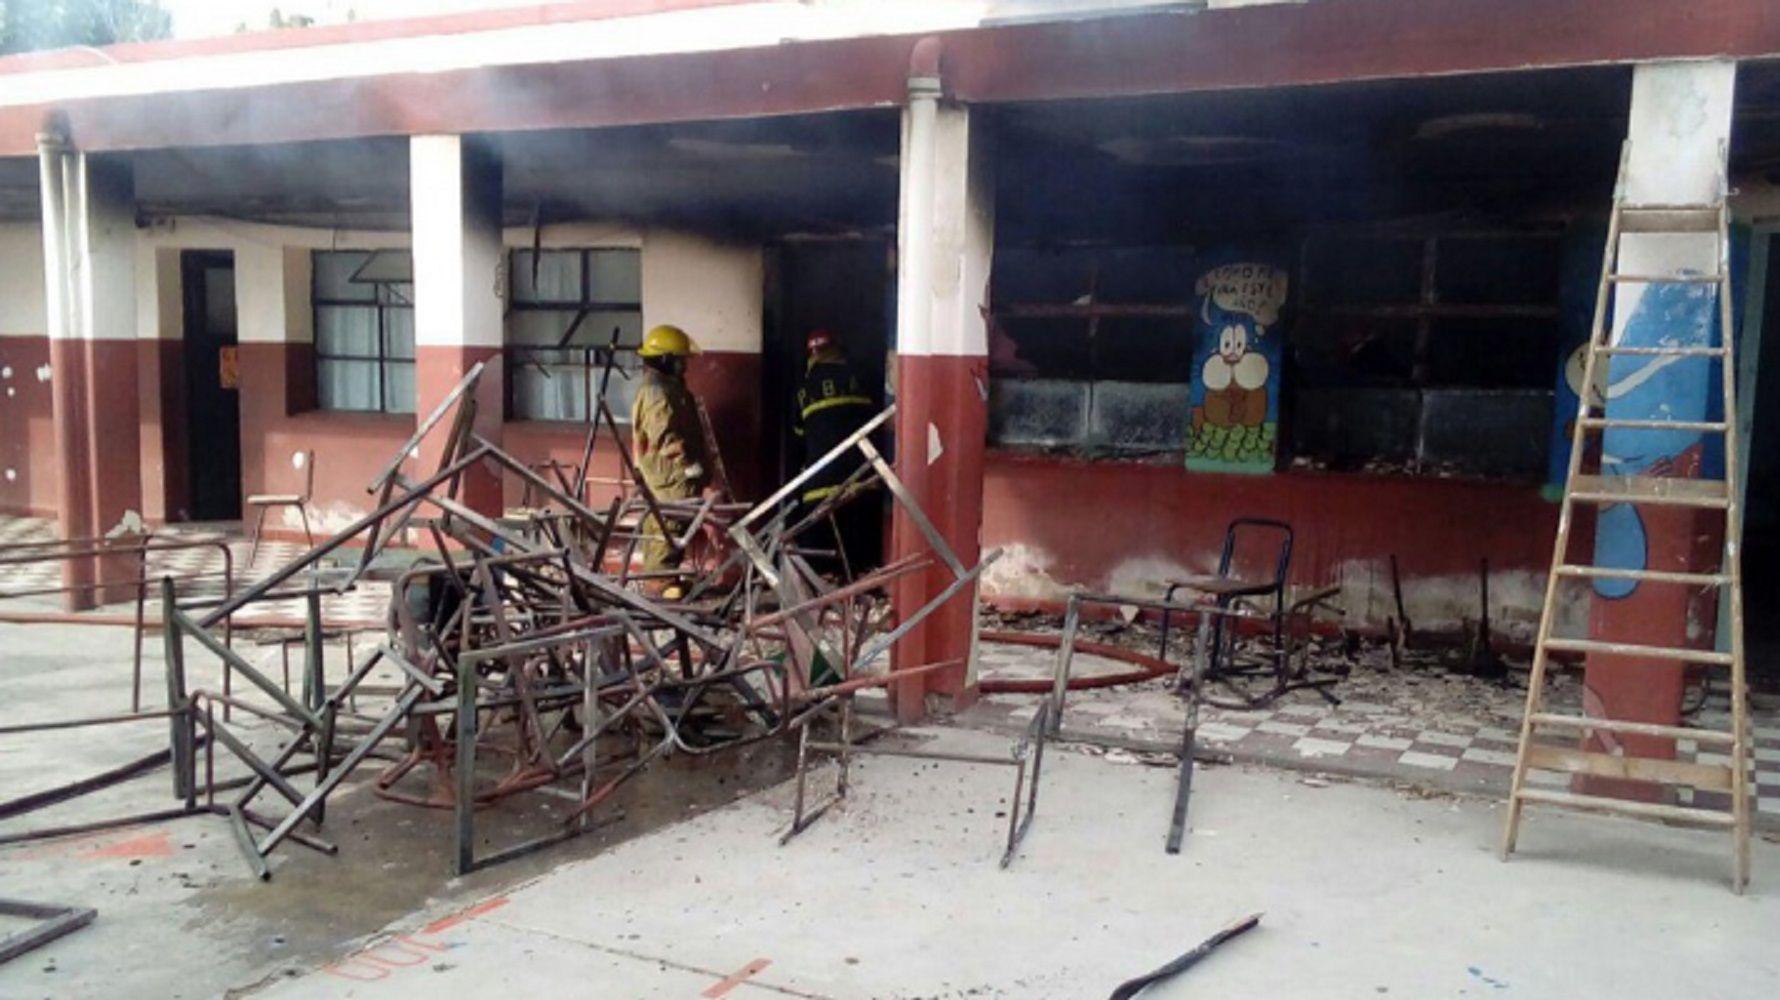 Multas de hasta $20 mil y cárcel: impulsan sanciones más fuertes contra el vandalismo en escuelas